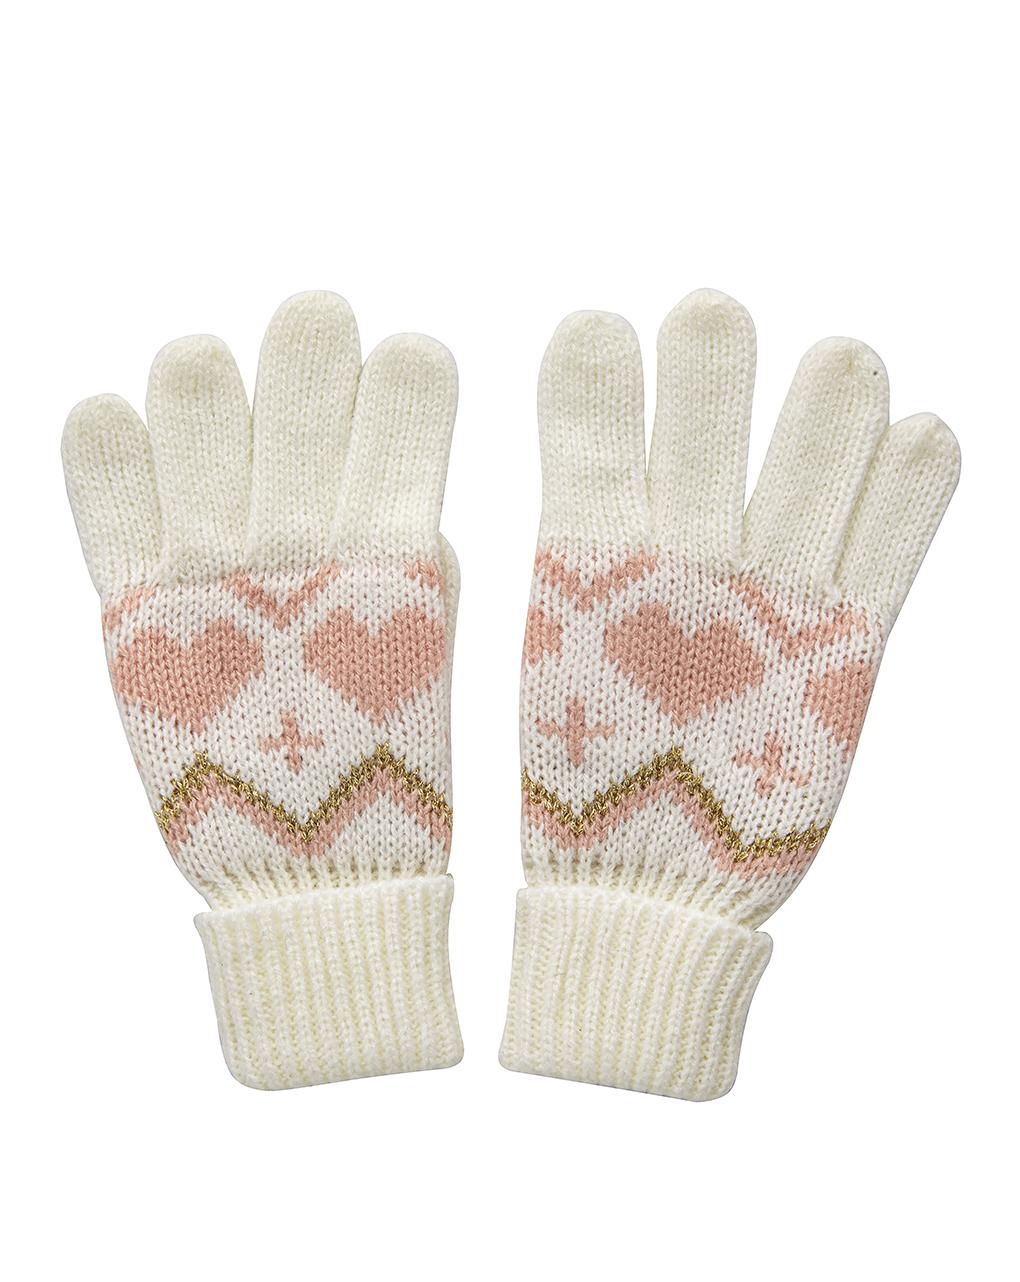 Γάντια Λευκά Jacquard για Κορίτσι